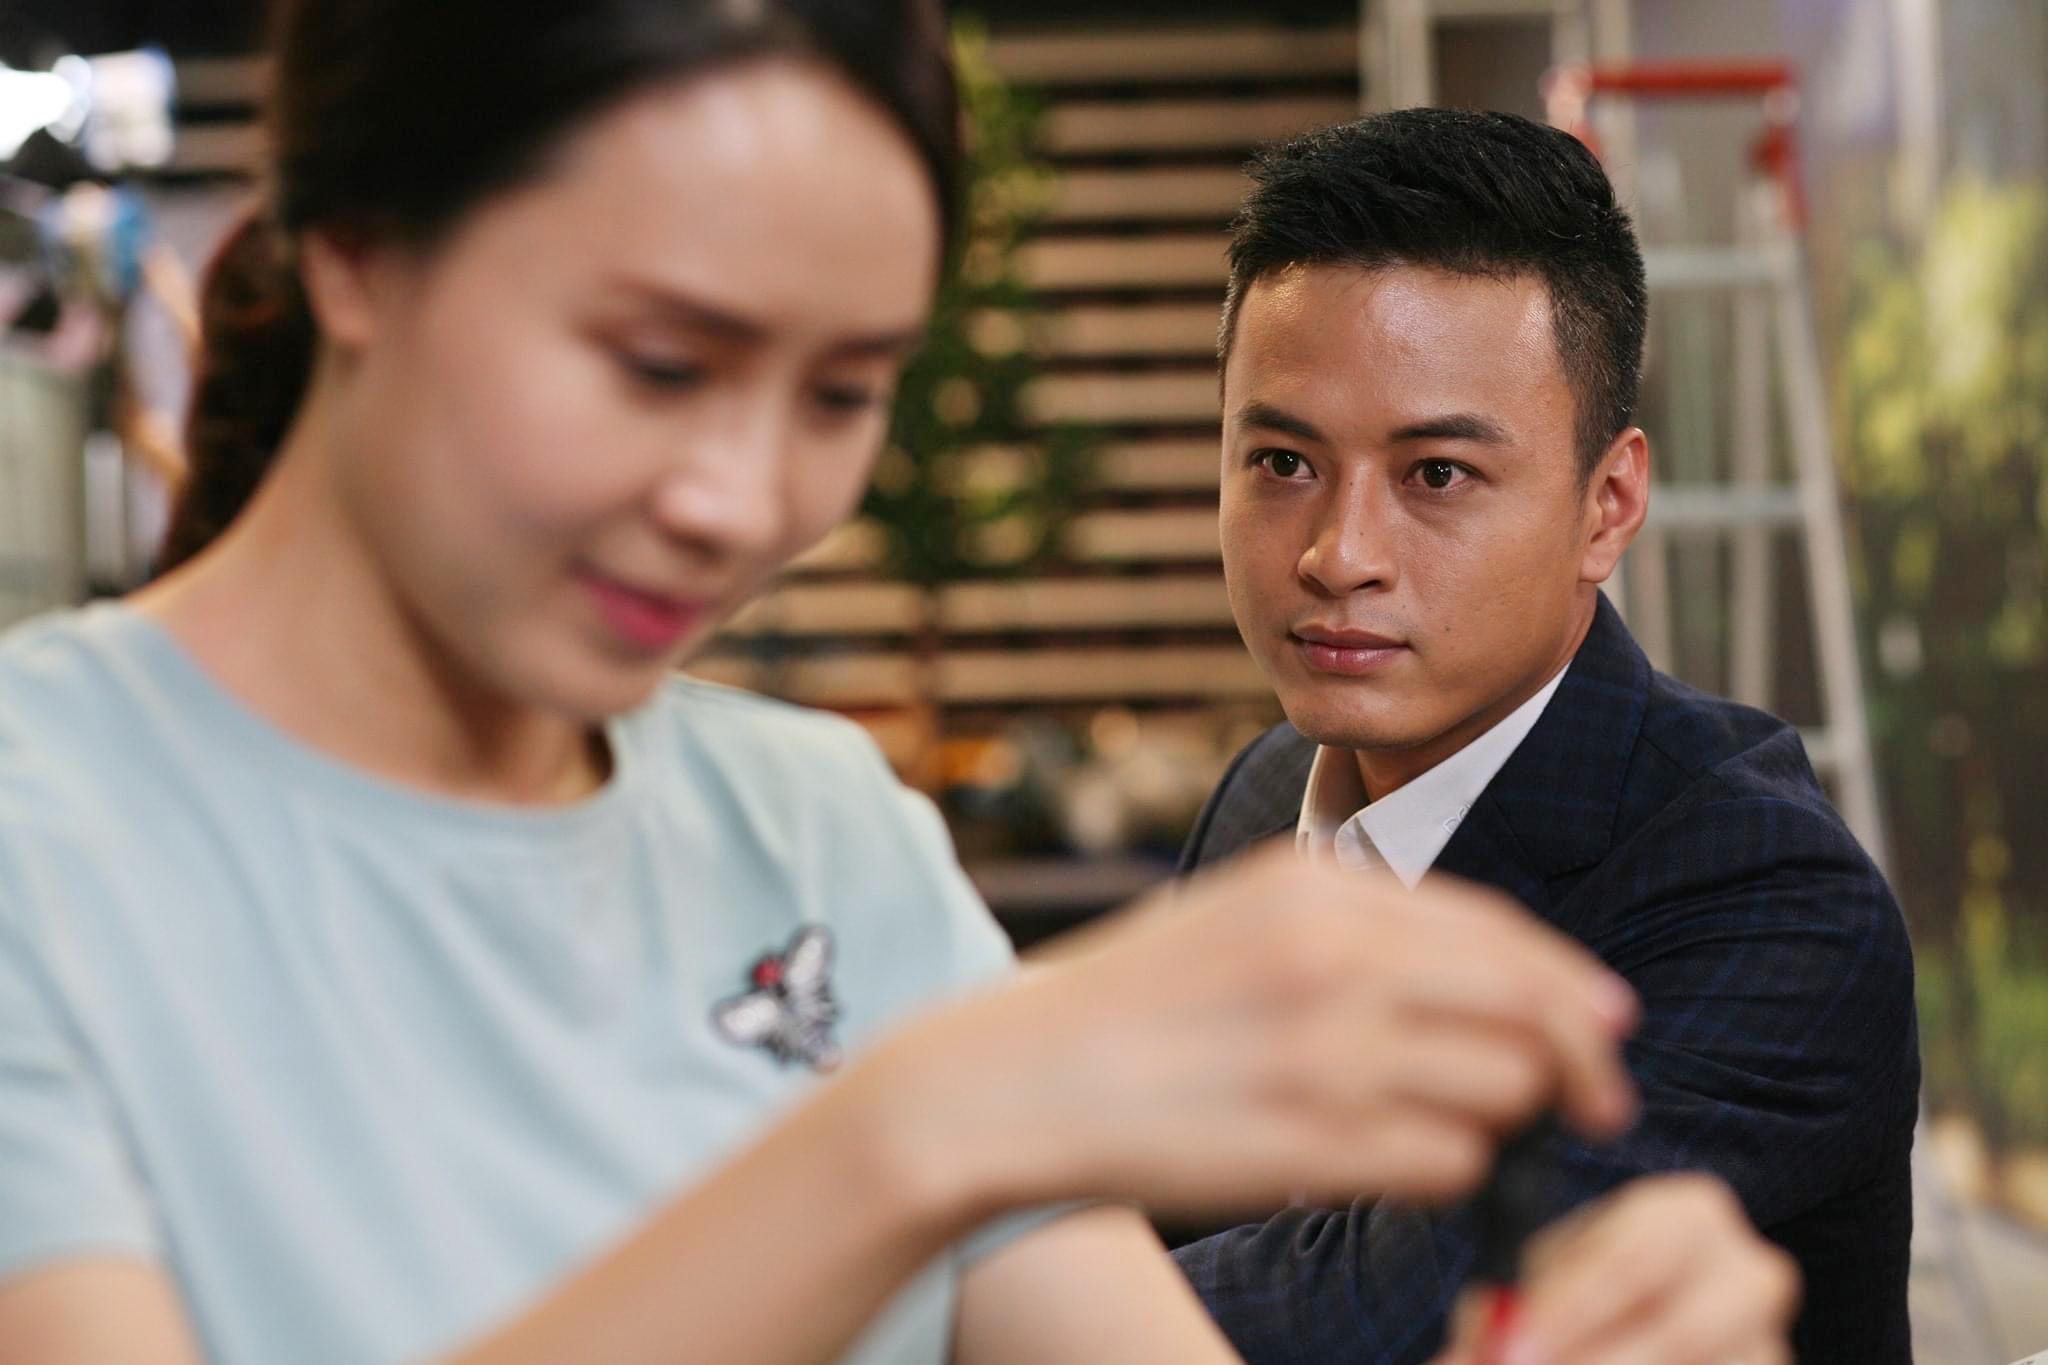 Dàn nam thần khiến hội chị em khao khát nhất màn ảnh Việt 2020: Có tổng tài, thầy giáo và cả... trai bao! - Ảnh 11.